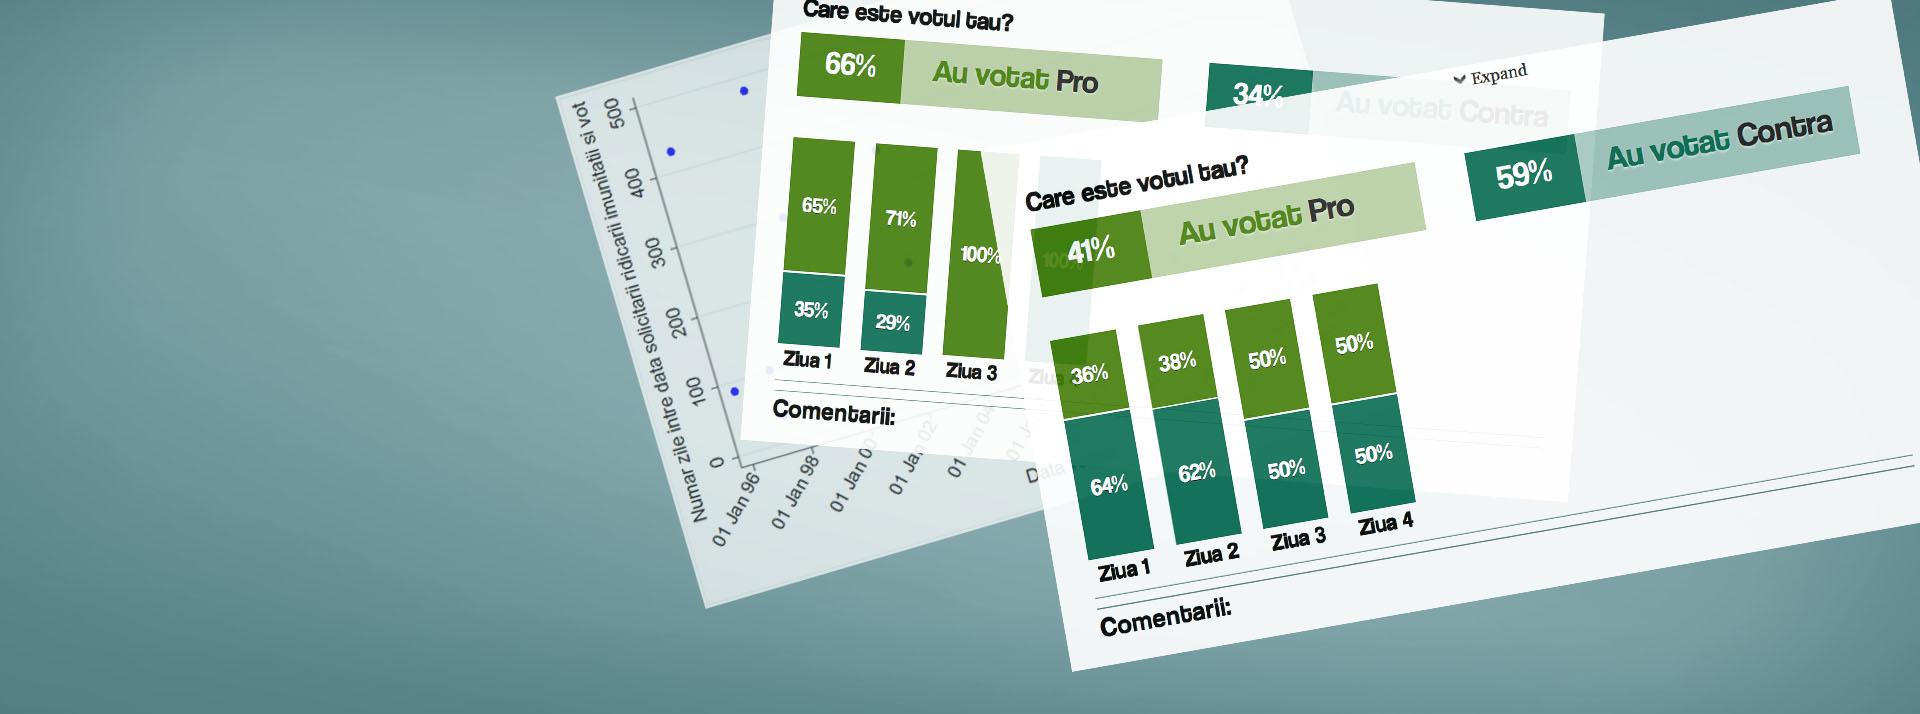 Online debates & polls